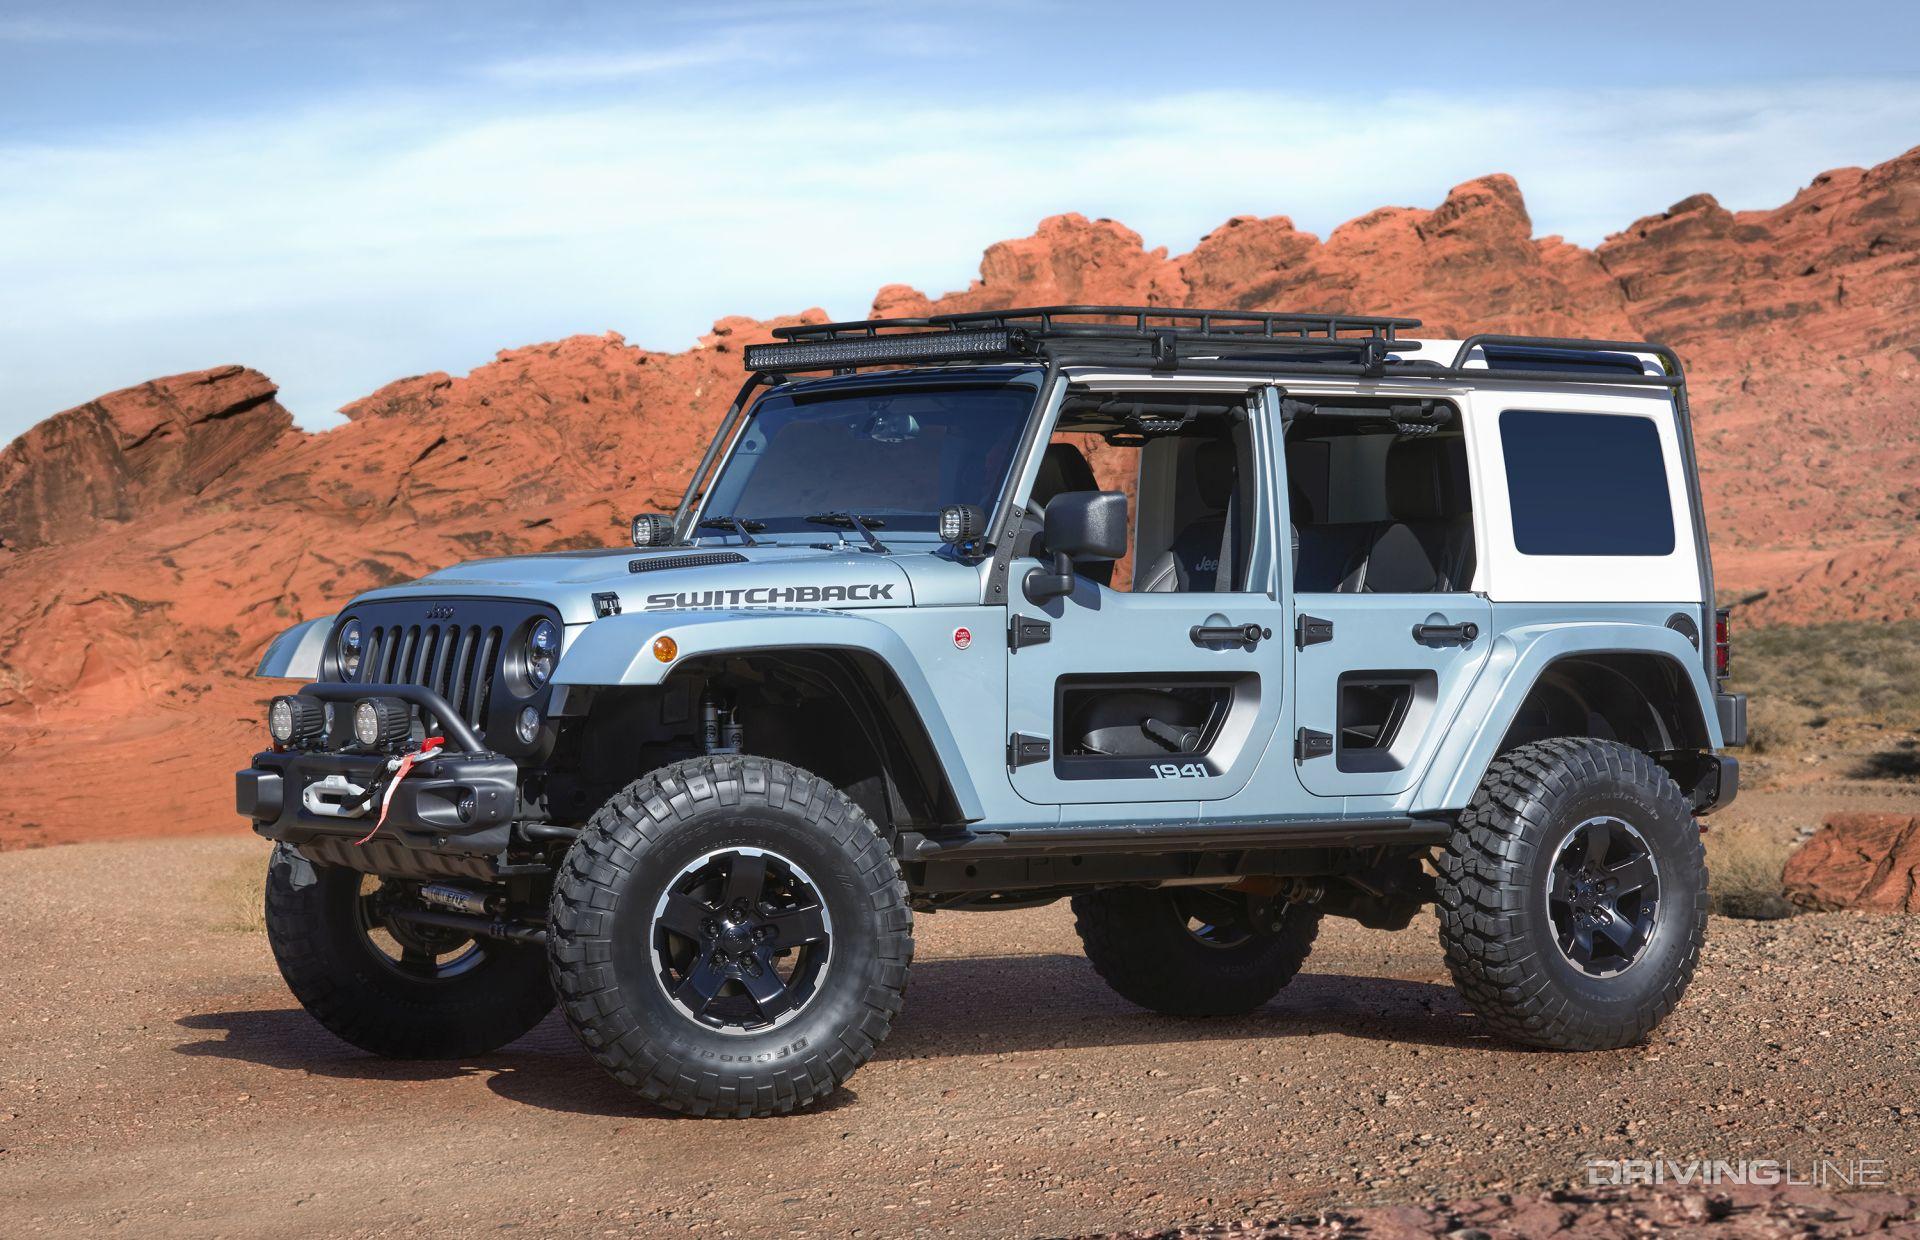 2017 Jeep Concept Vehicles >> Unveiled 2017 Jeep Concept Vehicles Drivingline